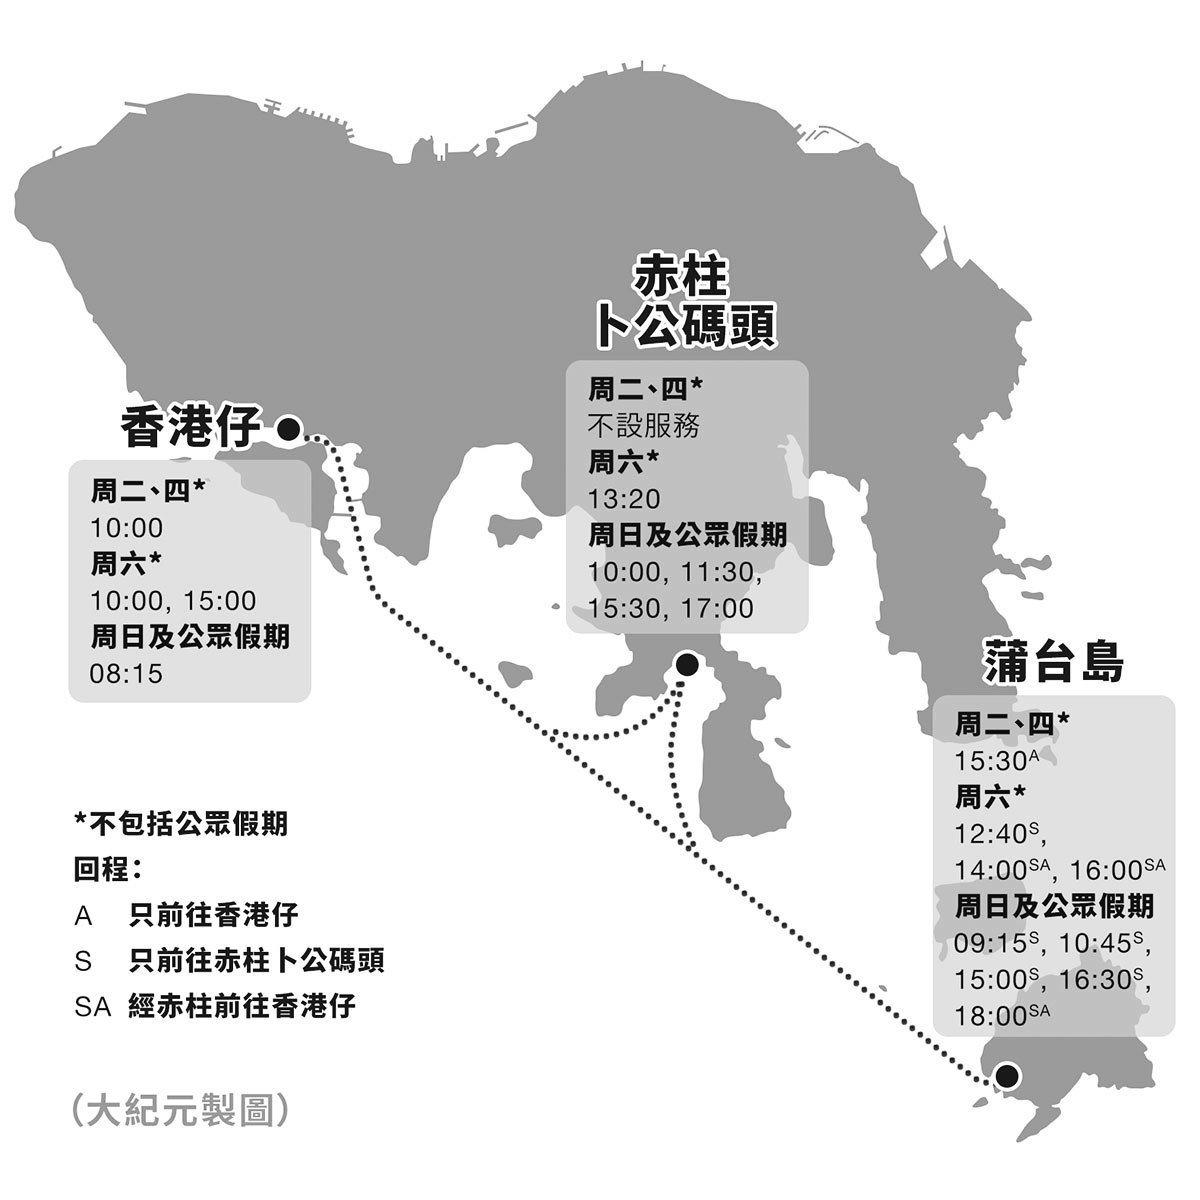 蒲台島船期表。(大紀元製圖)